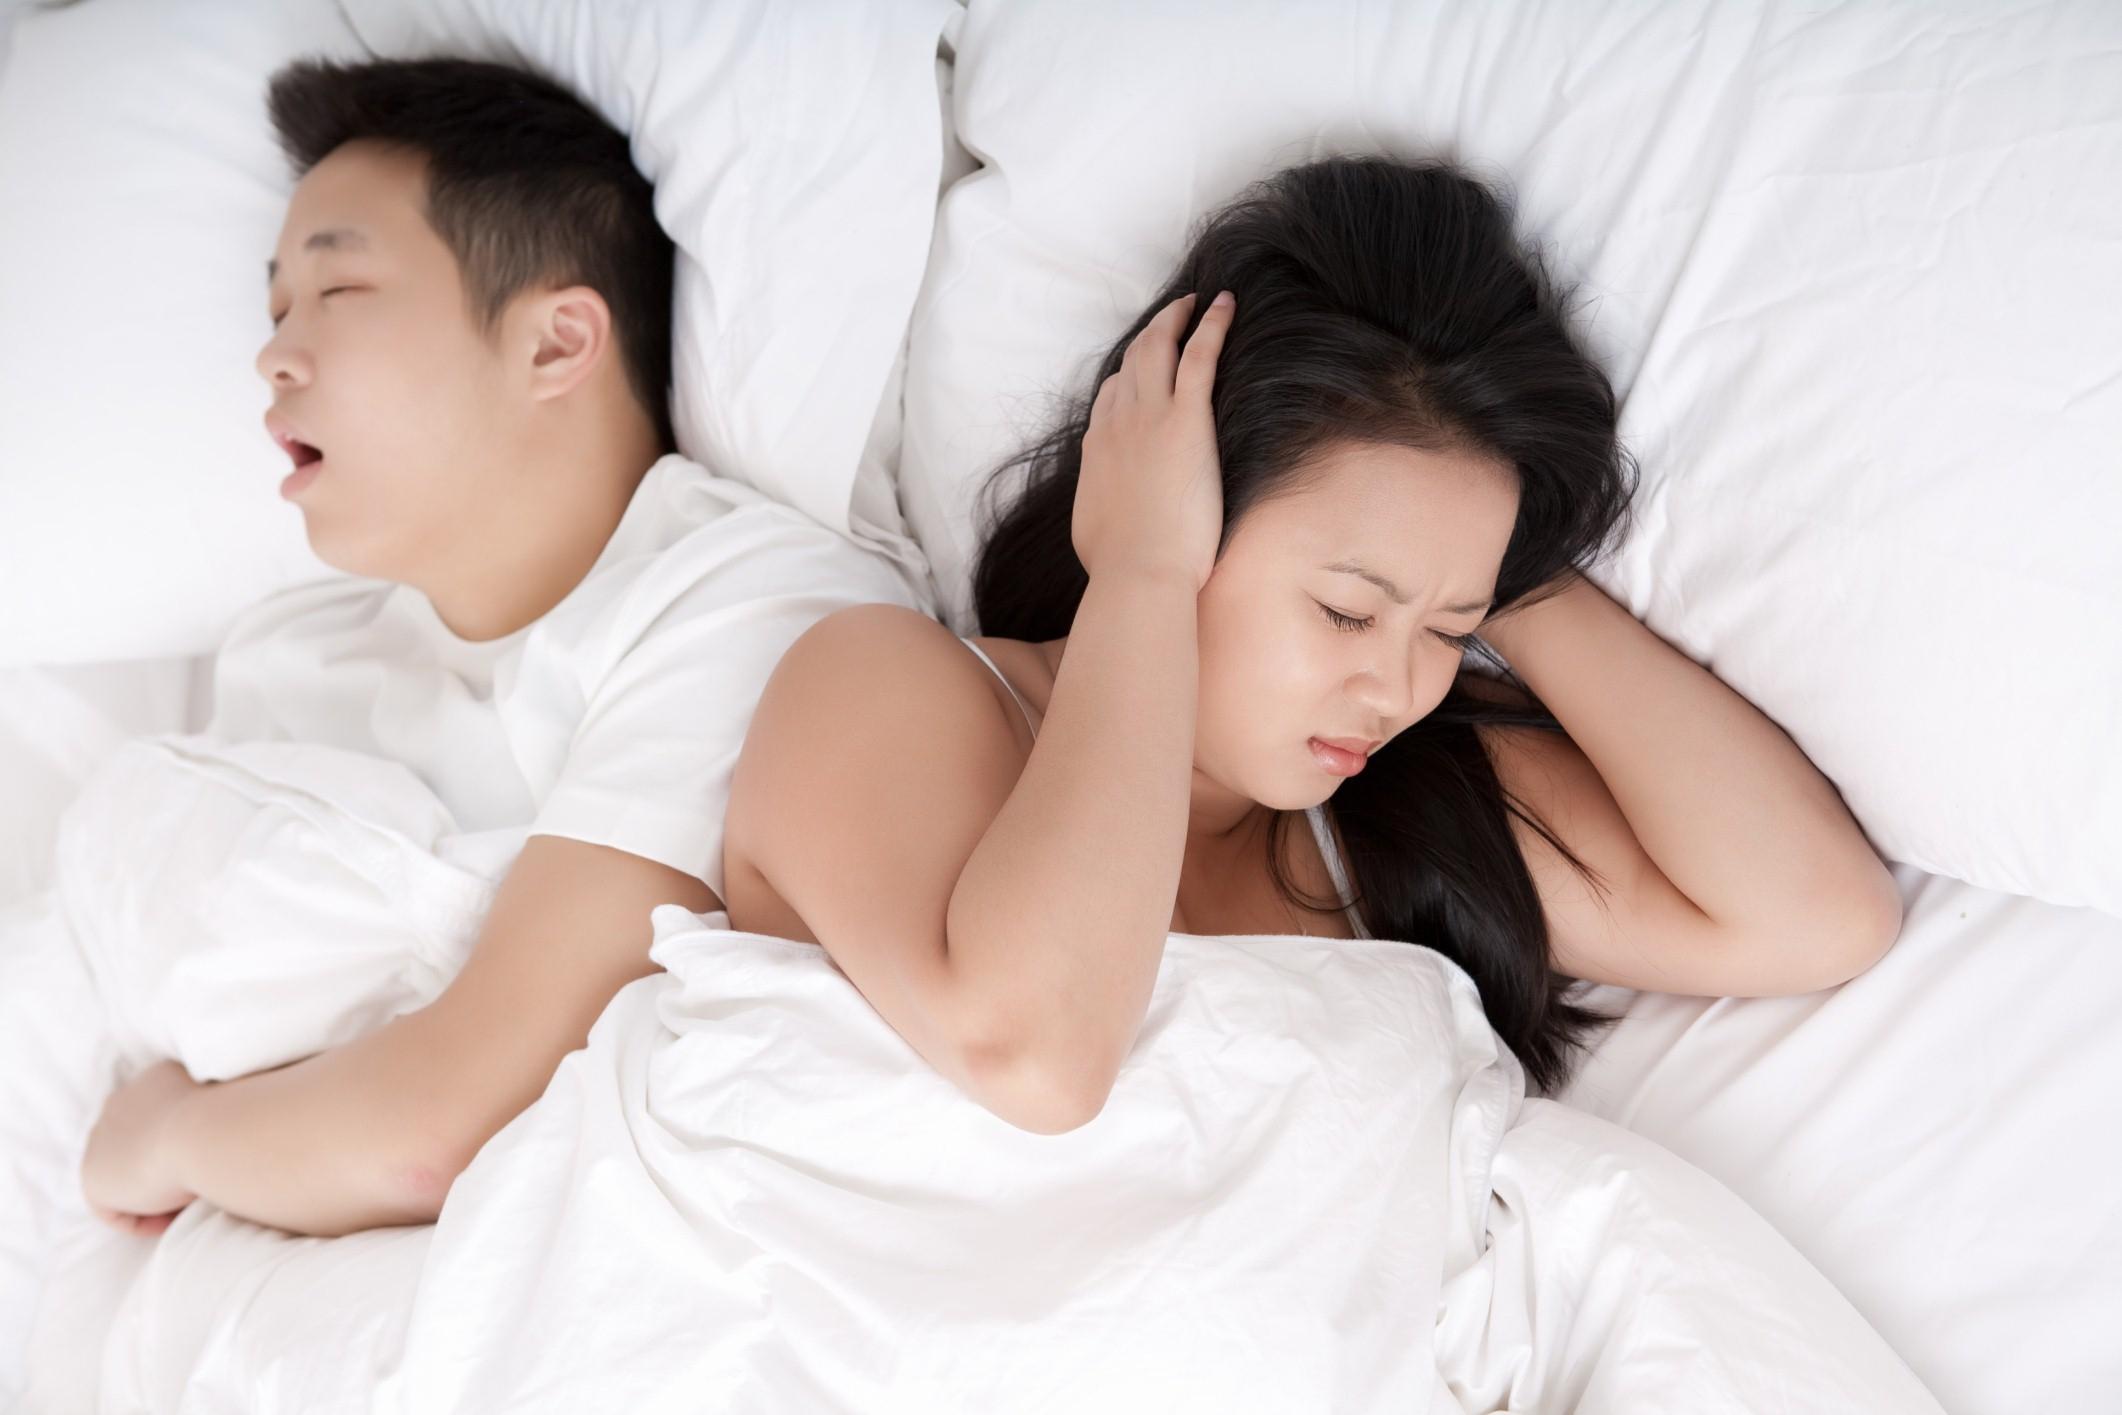 วิธีแก้อาการนอนกรน